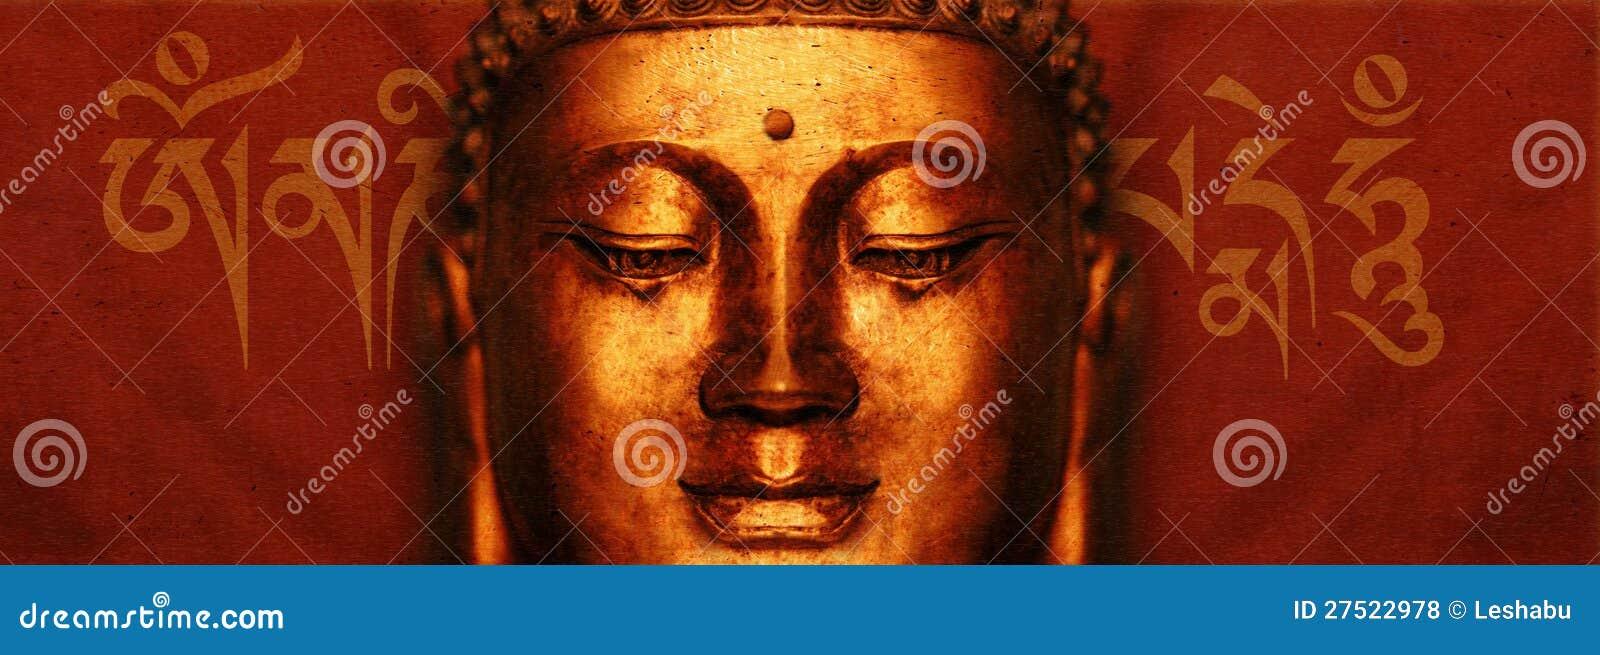 Cara de Buddha con mantra